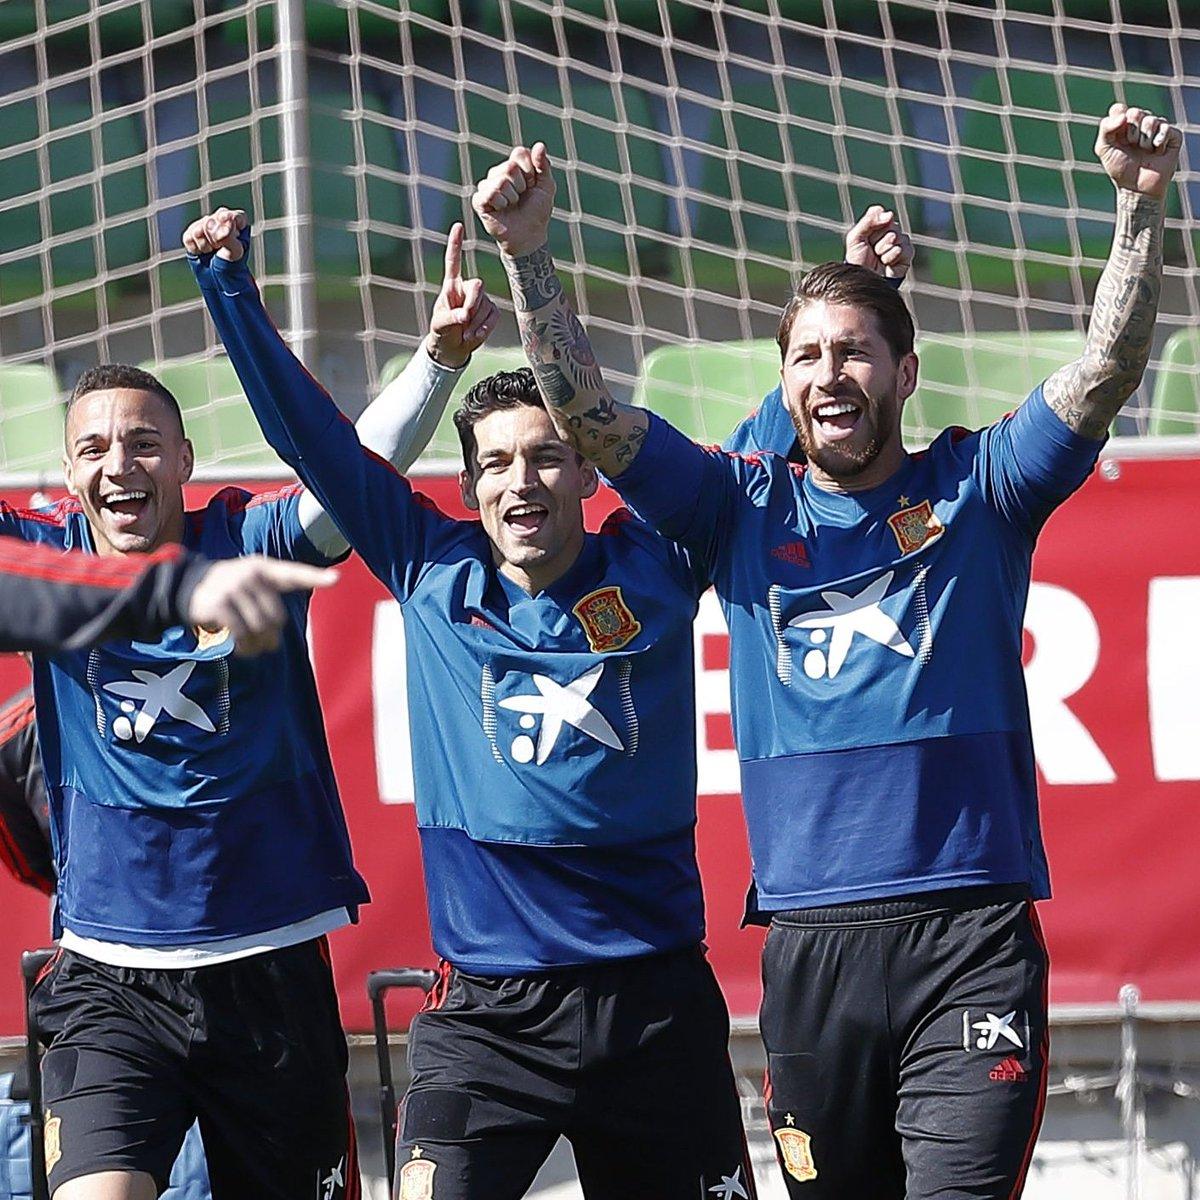 ✅ Doble sesión / Double training session 🔜 Valencia 🙆♂️🙆♂️🙆♂️ #VamosEspaña 🇪🇸